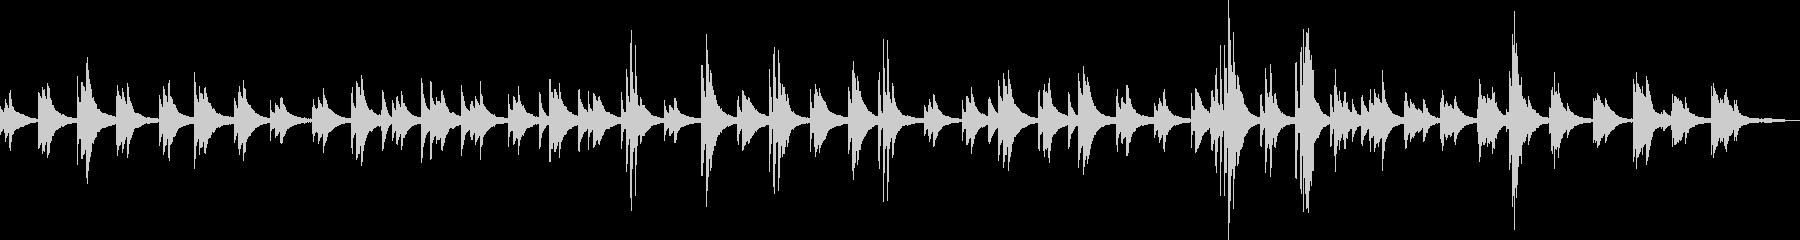 悲哀のピアノバラード(悲しい・BGM)の未再生の波形